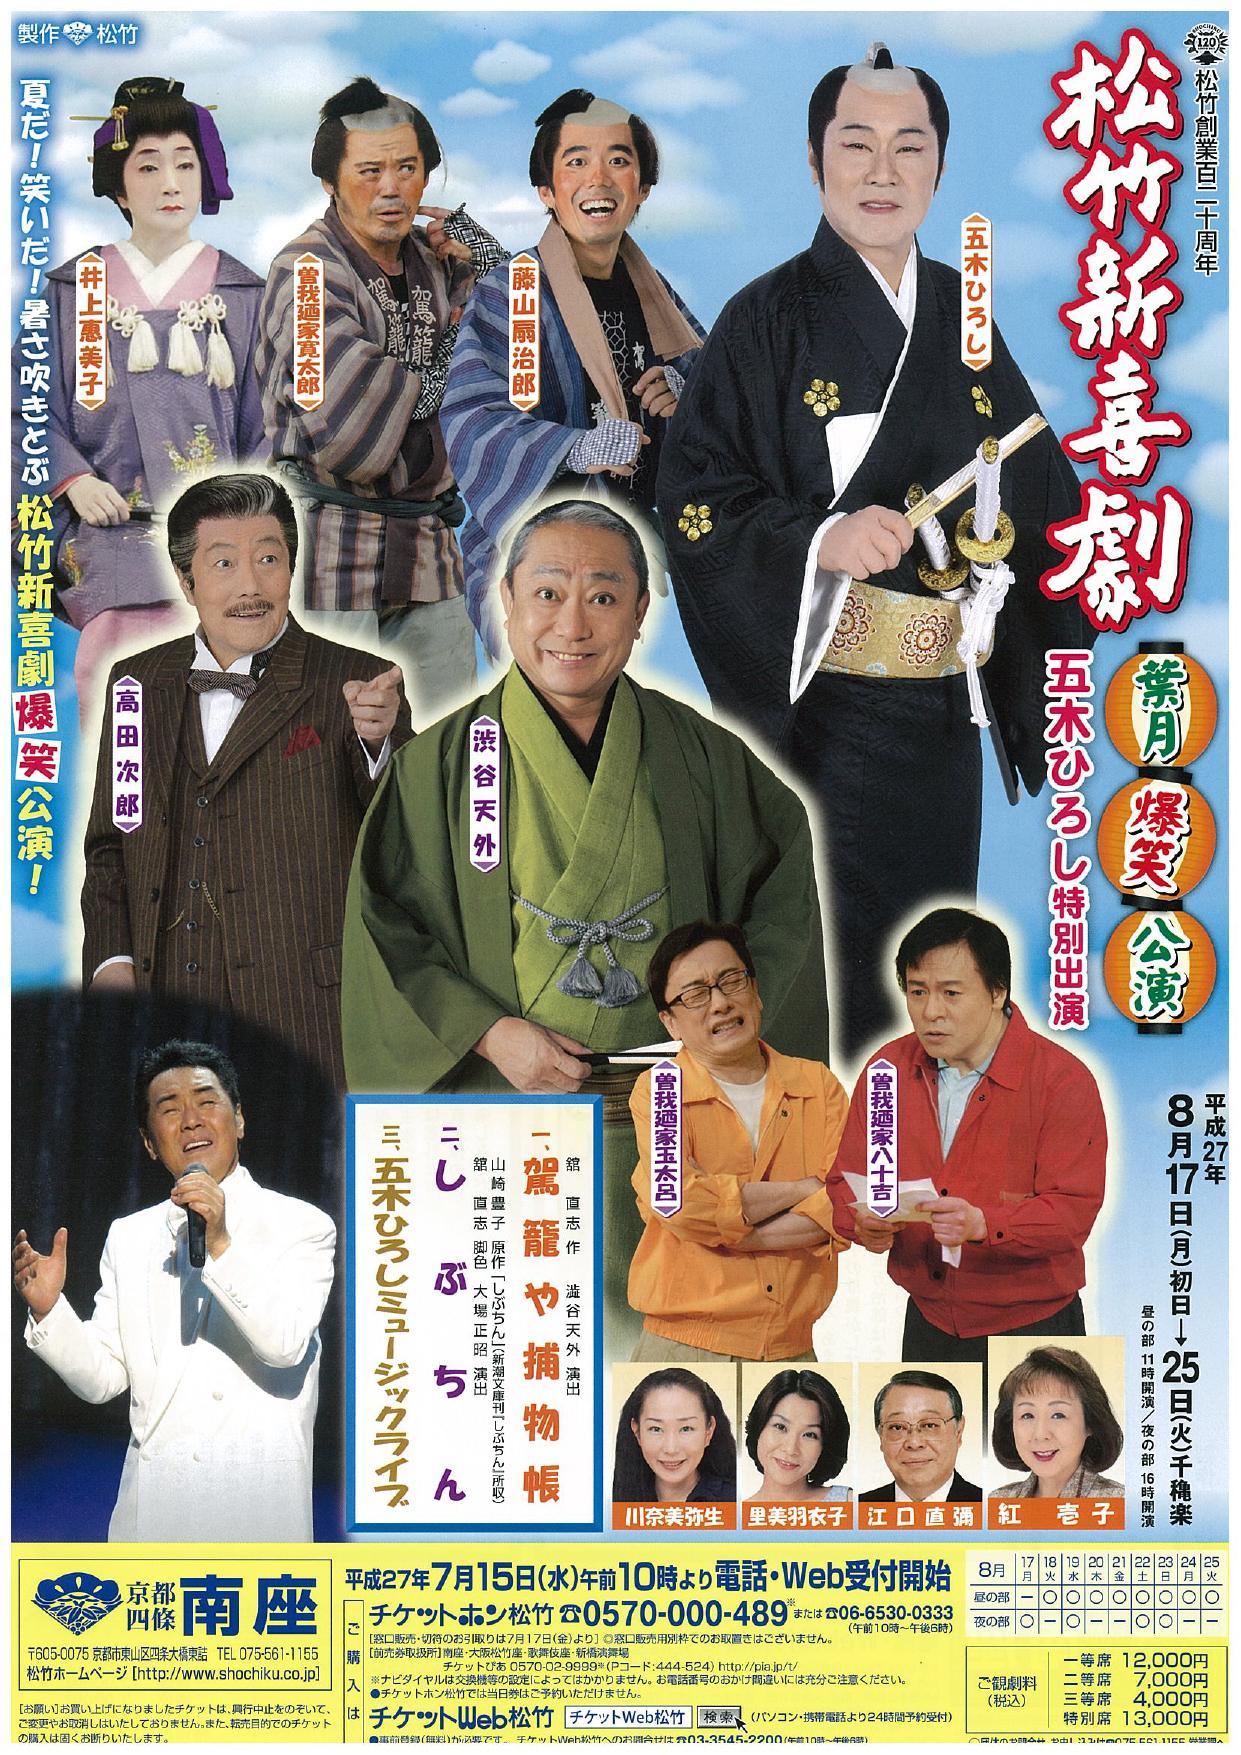 【南座】松竹新喜劇 葉月爆笑公演